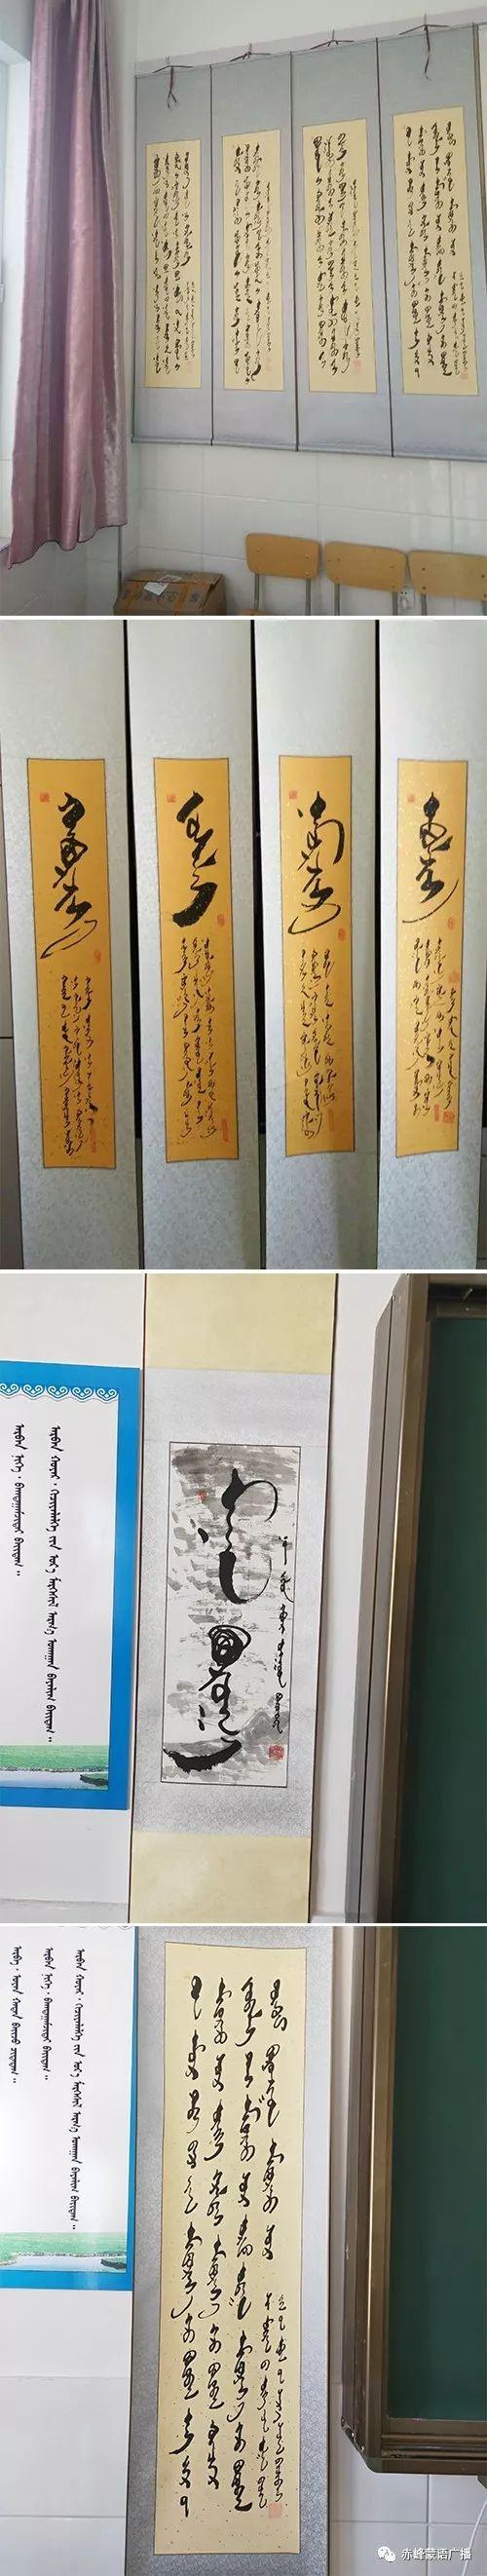 【音频】《赤峰蒙古族书法家》系列采访 (23) 第3张